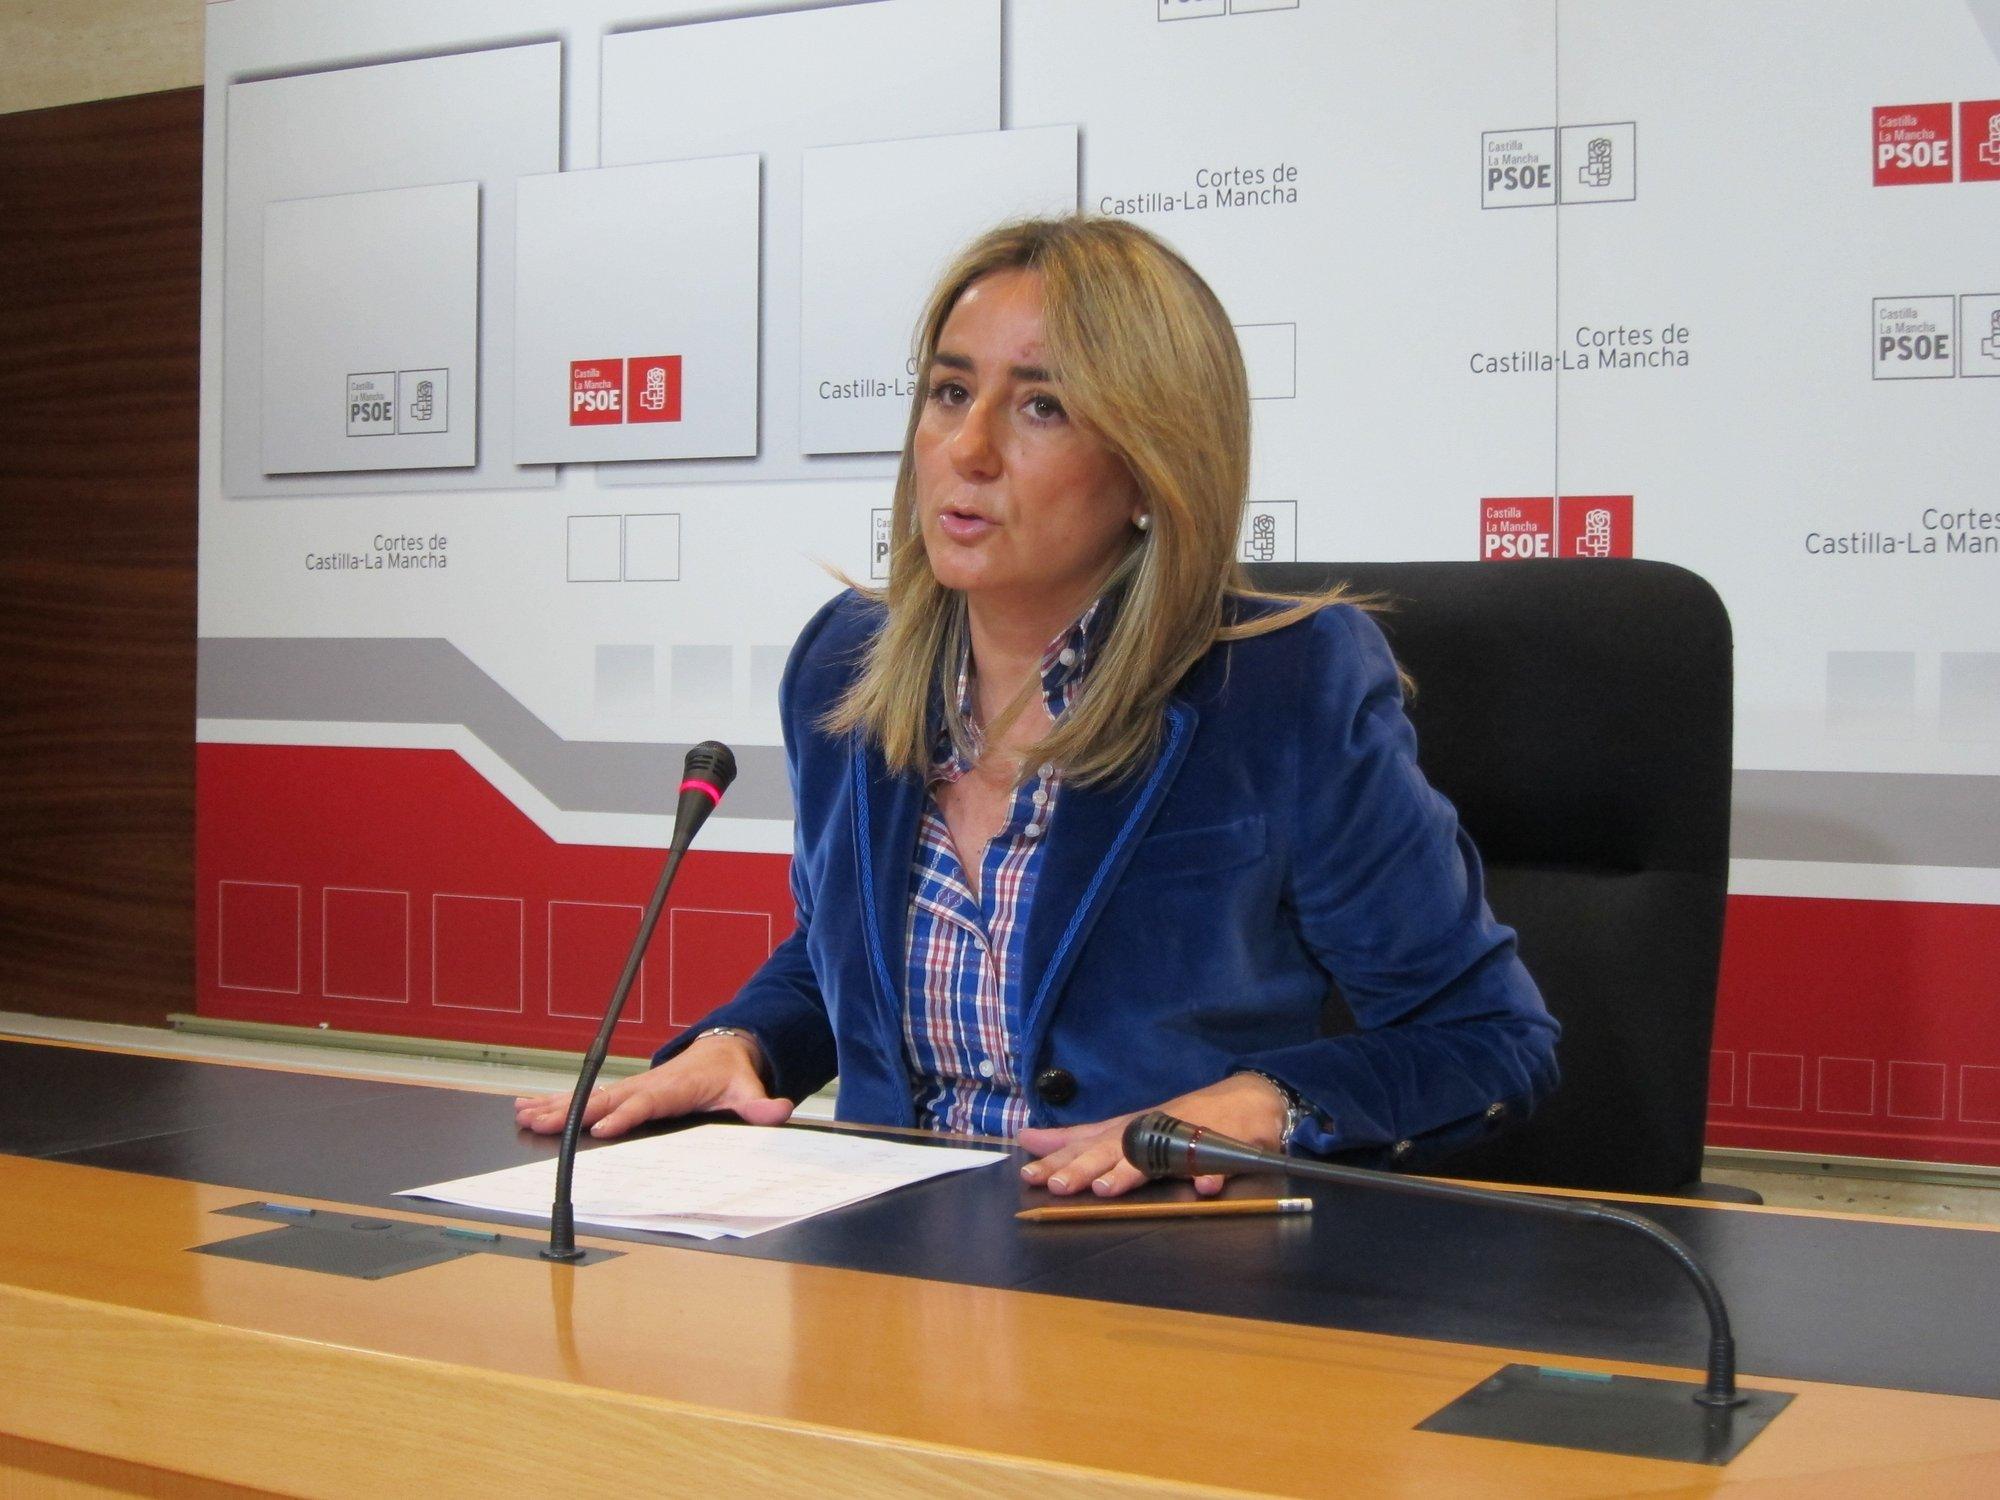 PSOE pide a Cospedal que exija al Gobierno de Rajoy un plan especial de empleo para Castilla-La Mancha